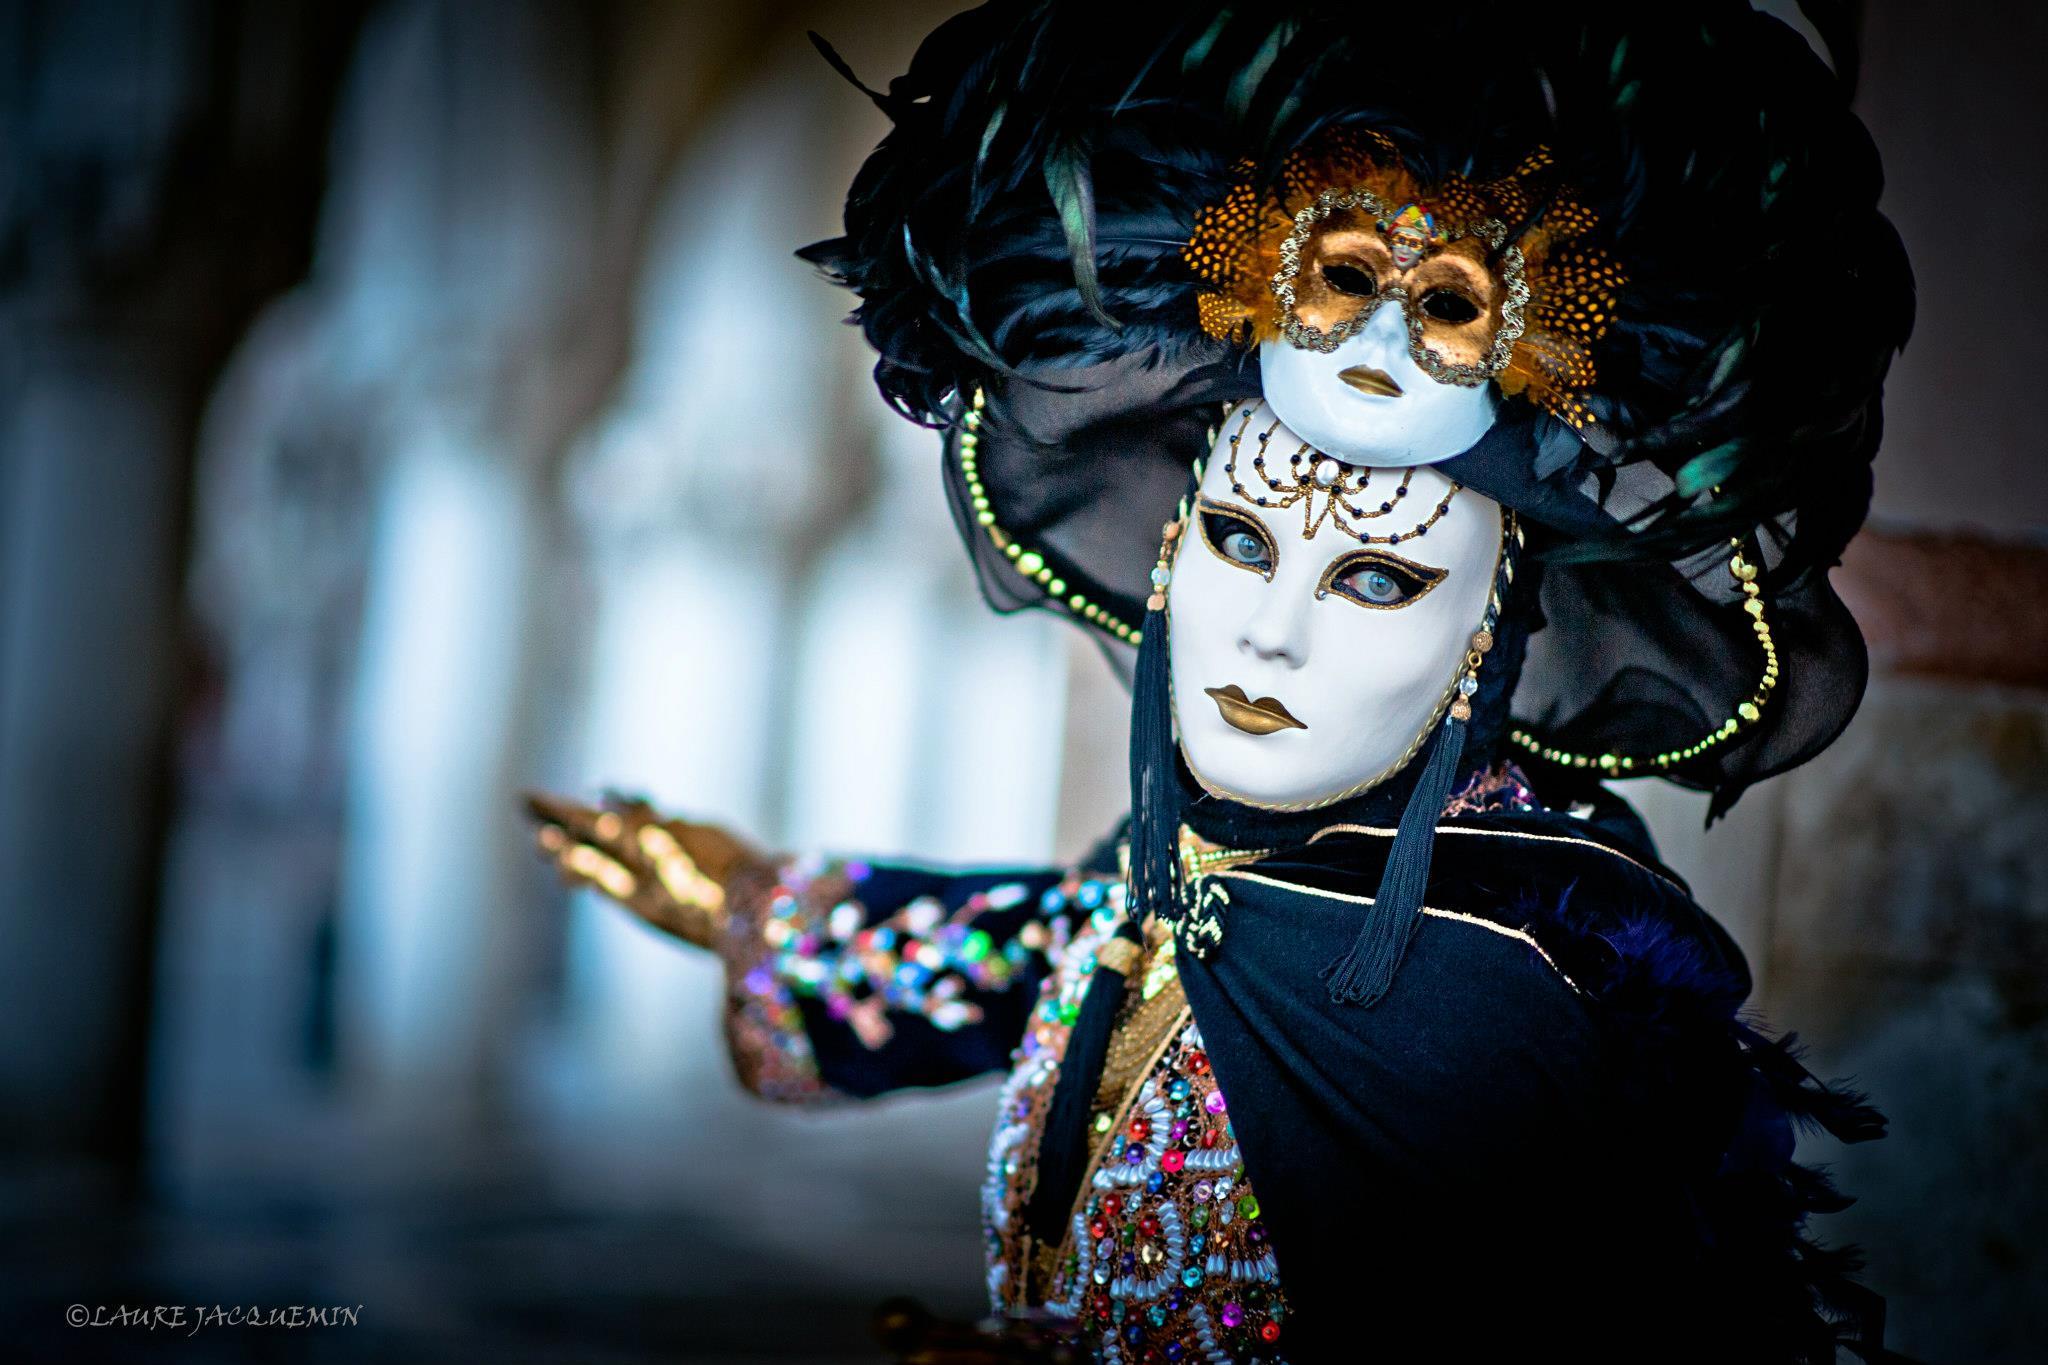 carnaval+de+venise+2013+2012+laure+jacquemin+plus+belles+photos+(33).jpg